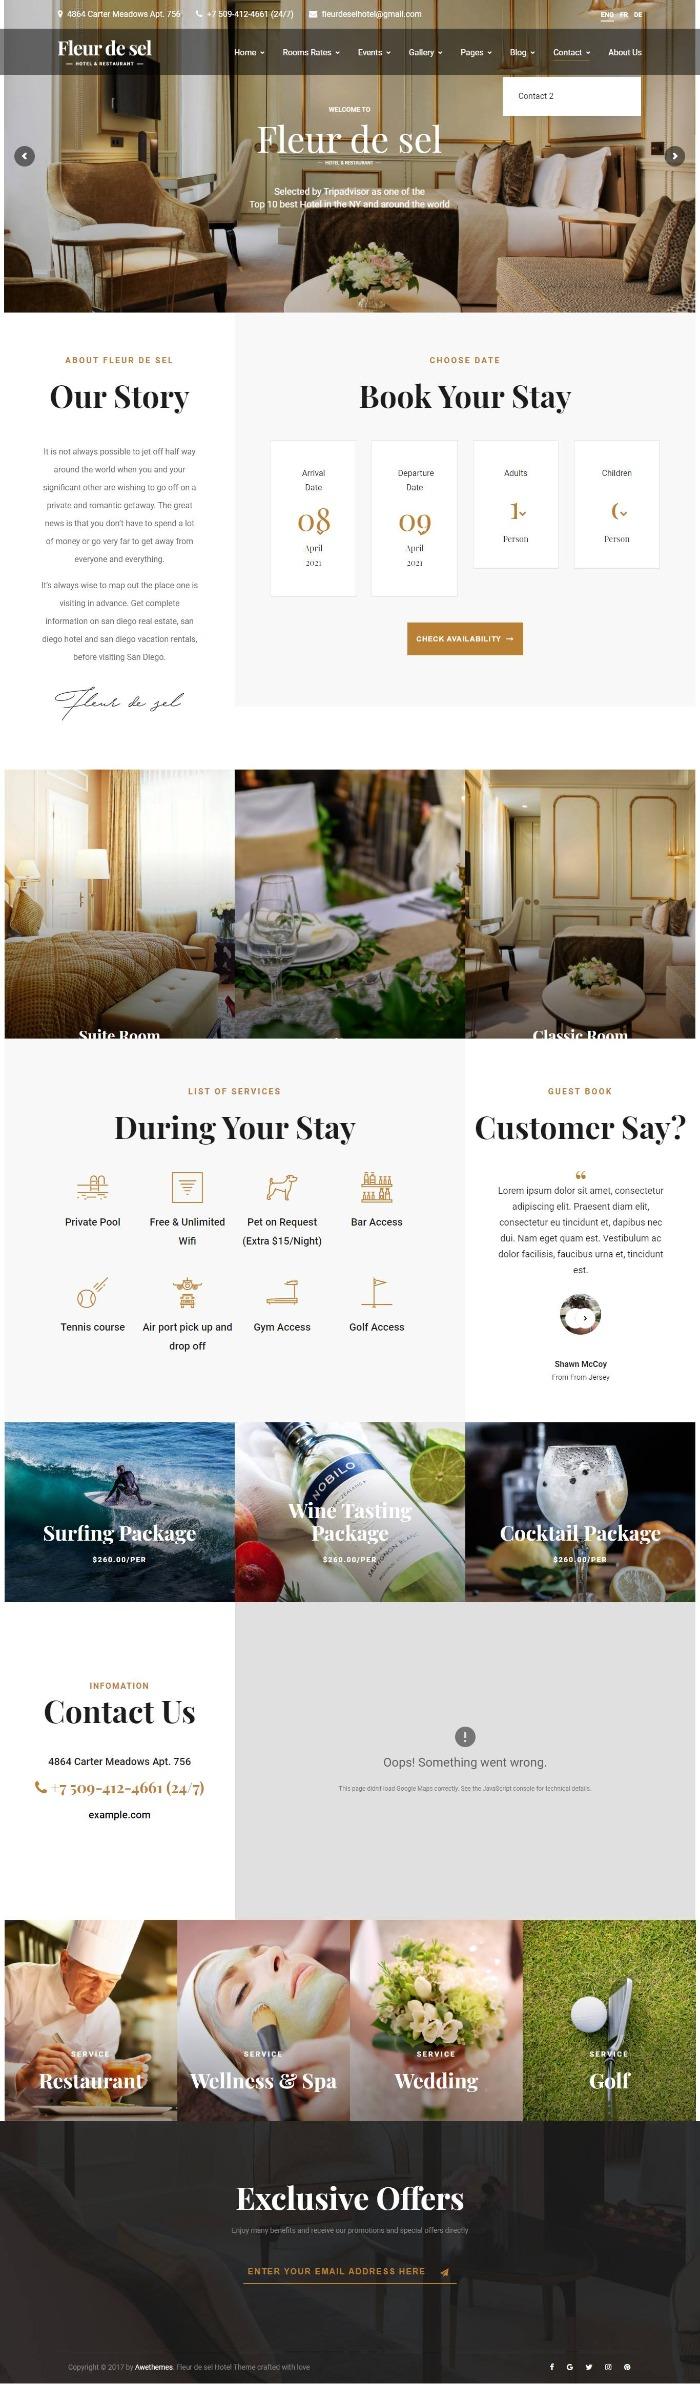 Mẫu Website Khách Sạn - Fleurdesel